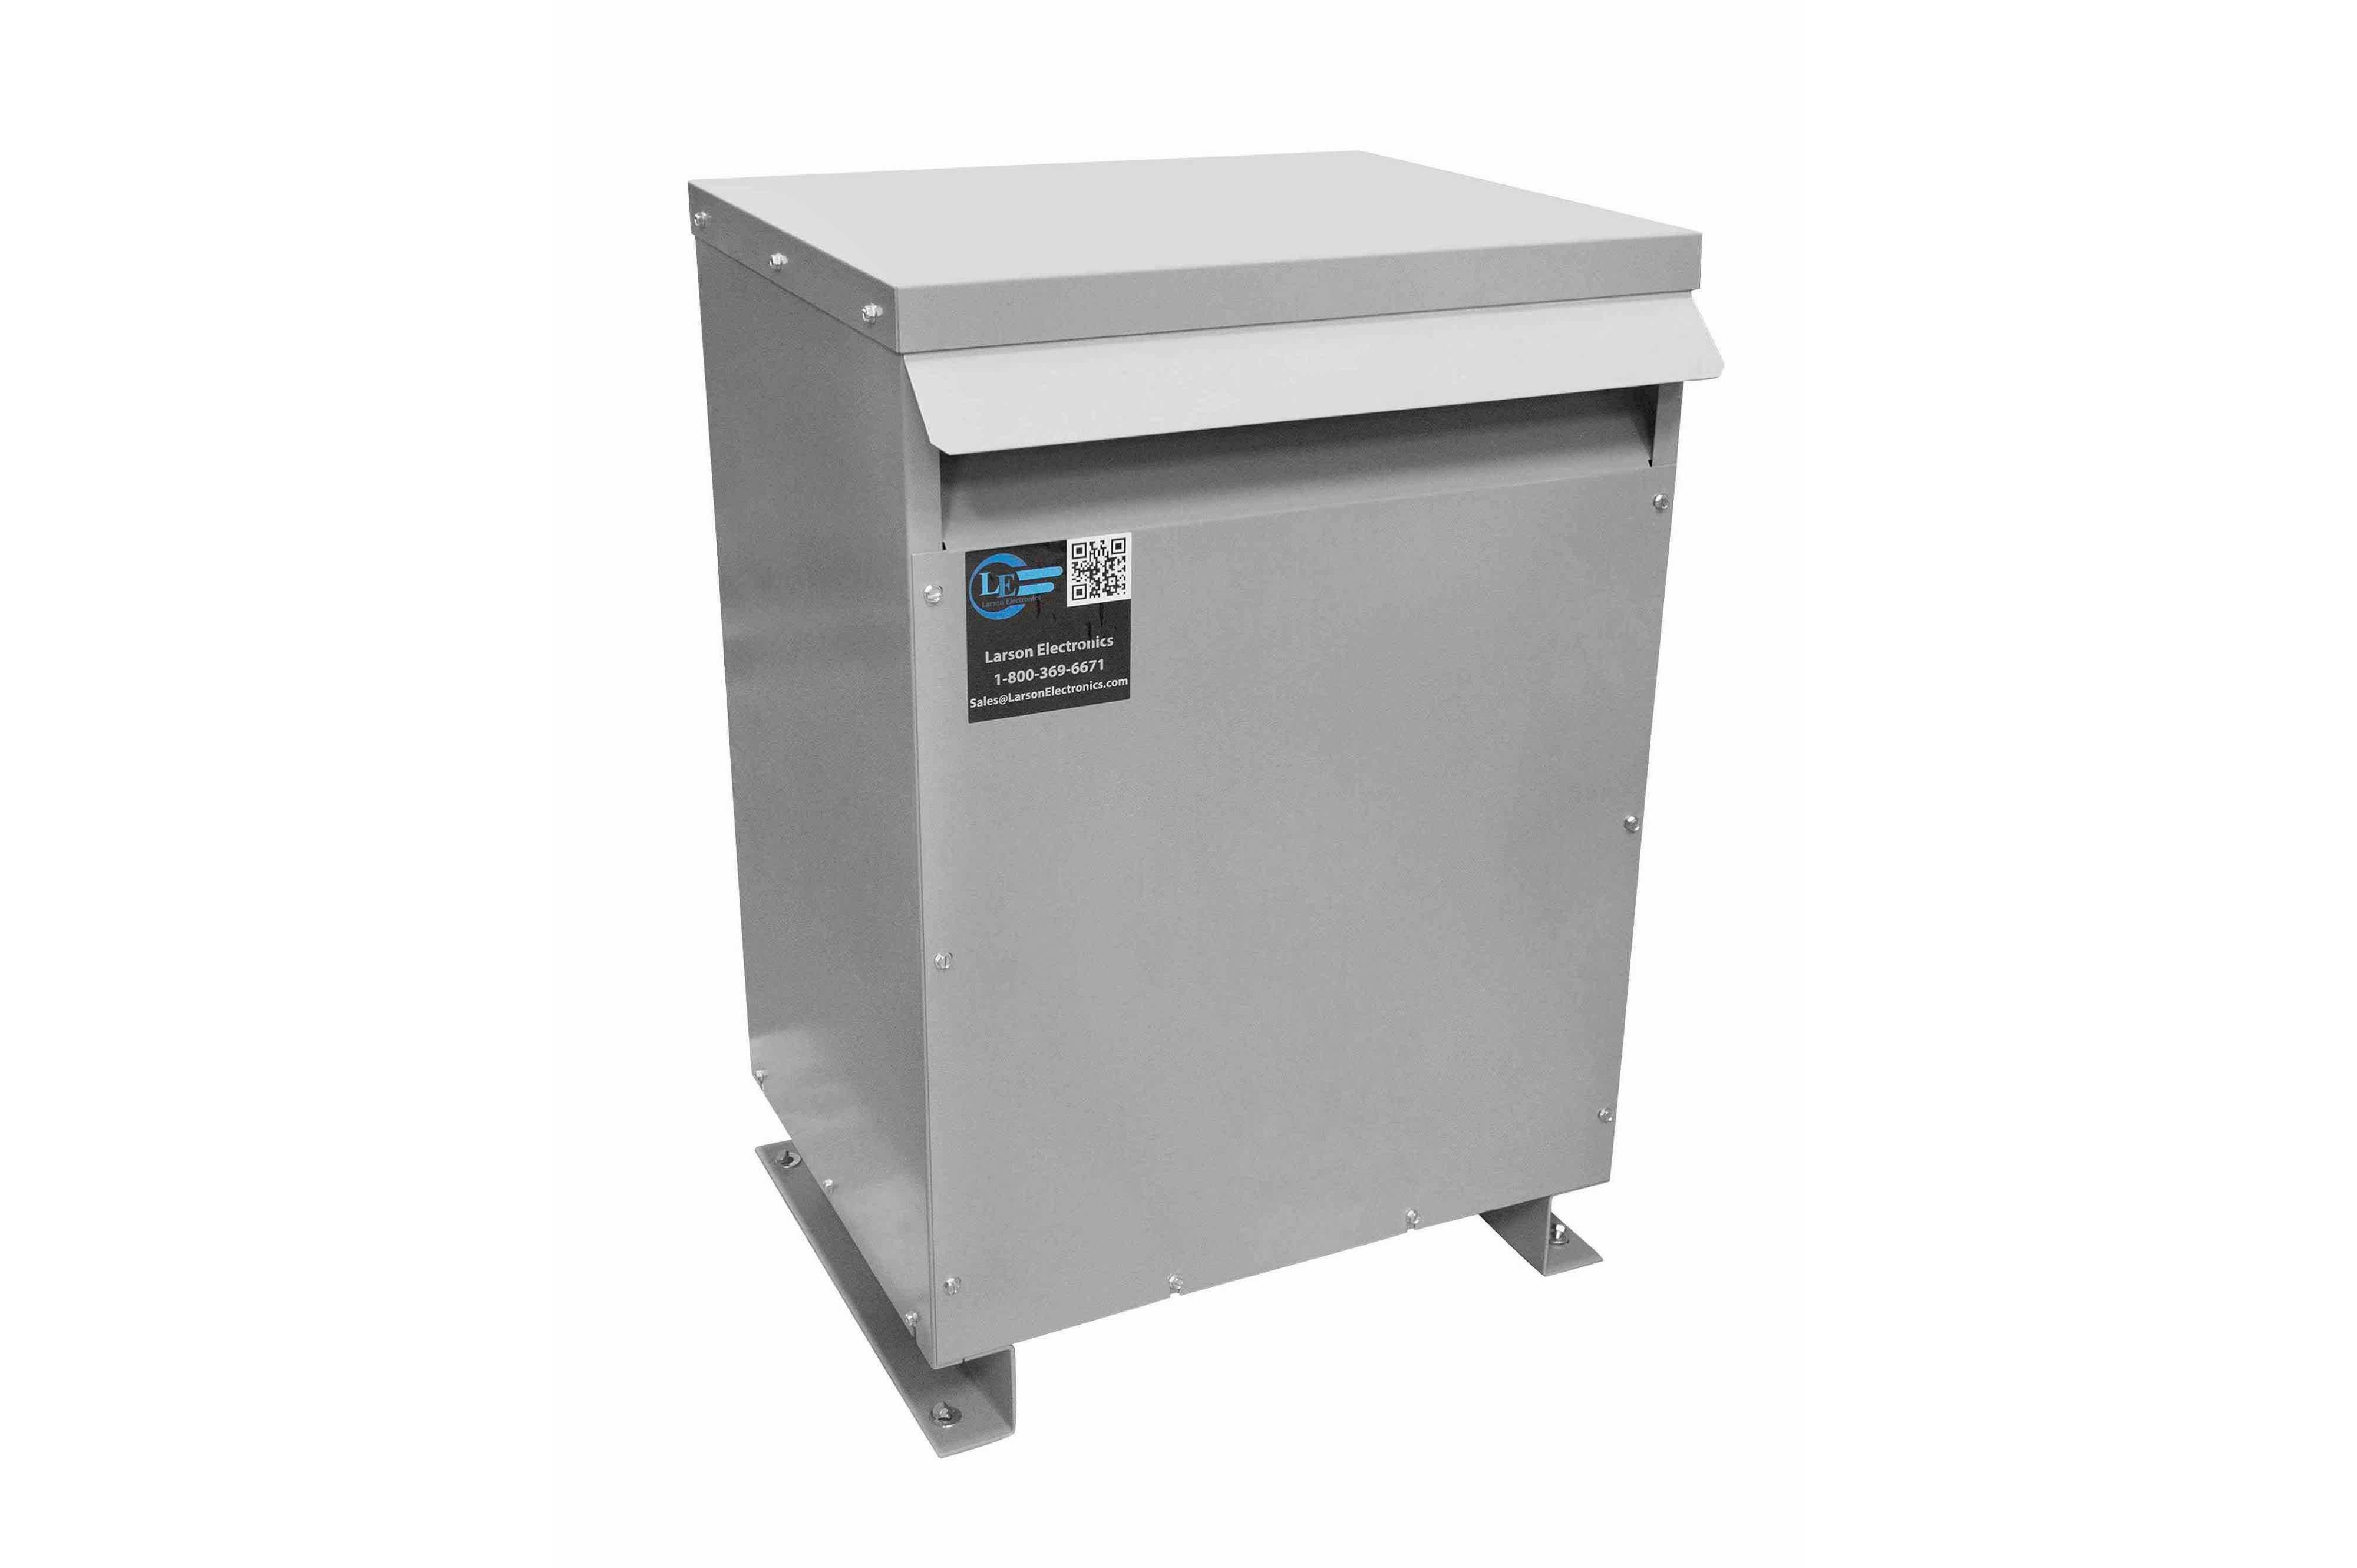 175 kVA 3PH Isolation Transformer, 480V Delta Primary, 600V Delta Secondary, N3R, Ventilated, 60 Hz